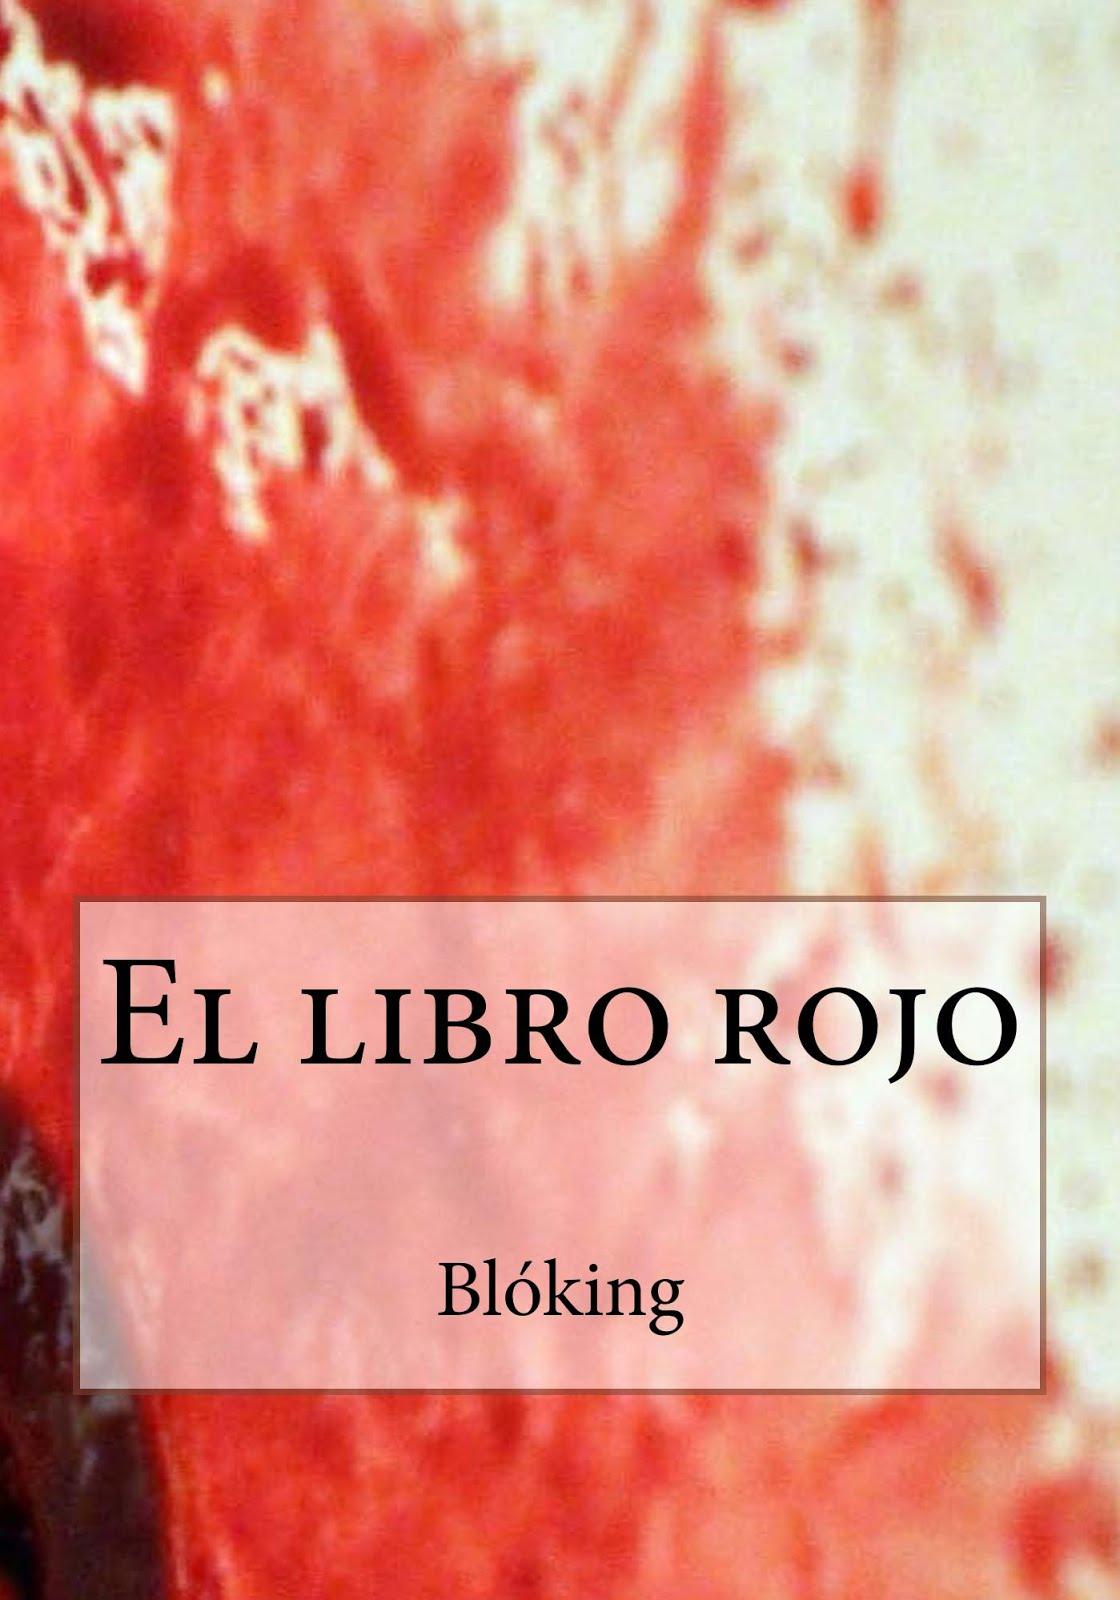 #Obra 30 - El libro rojo